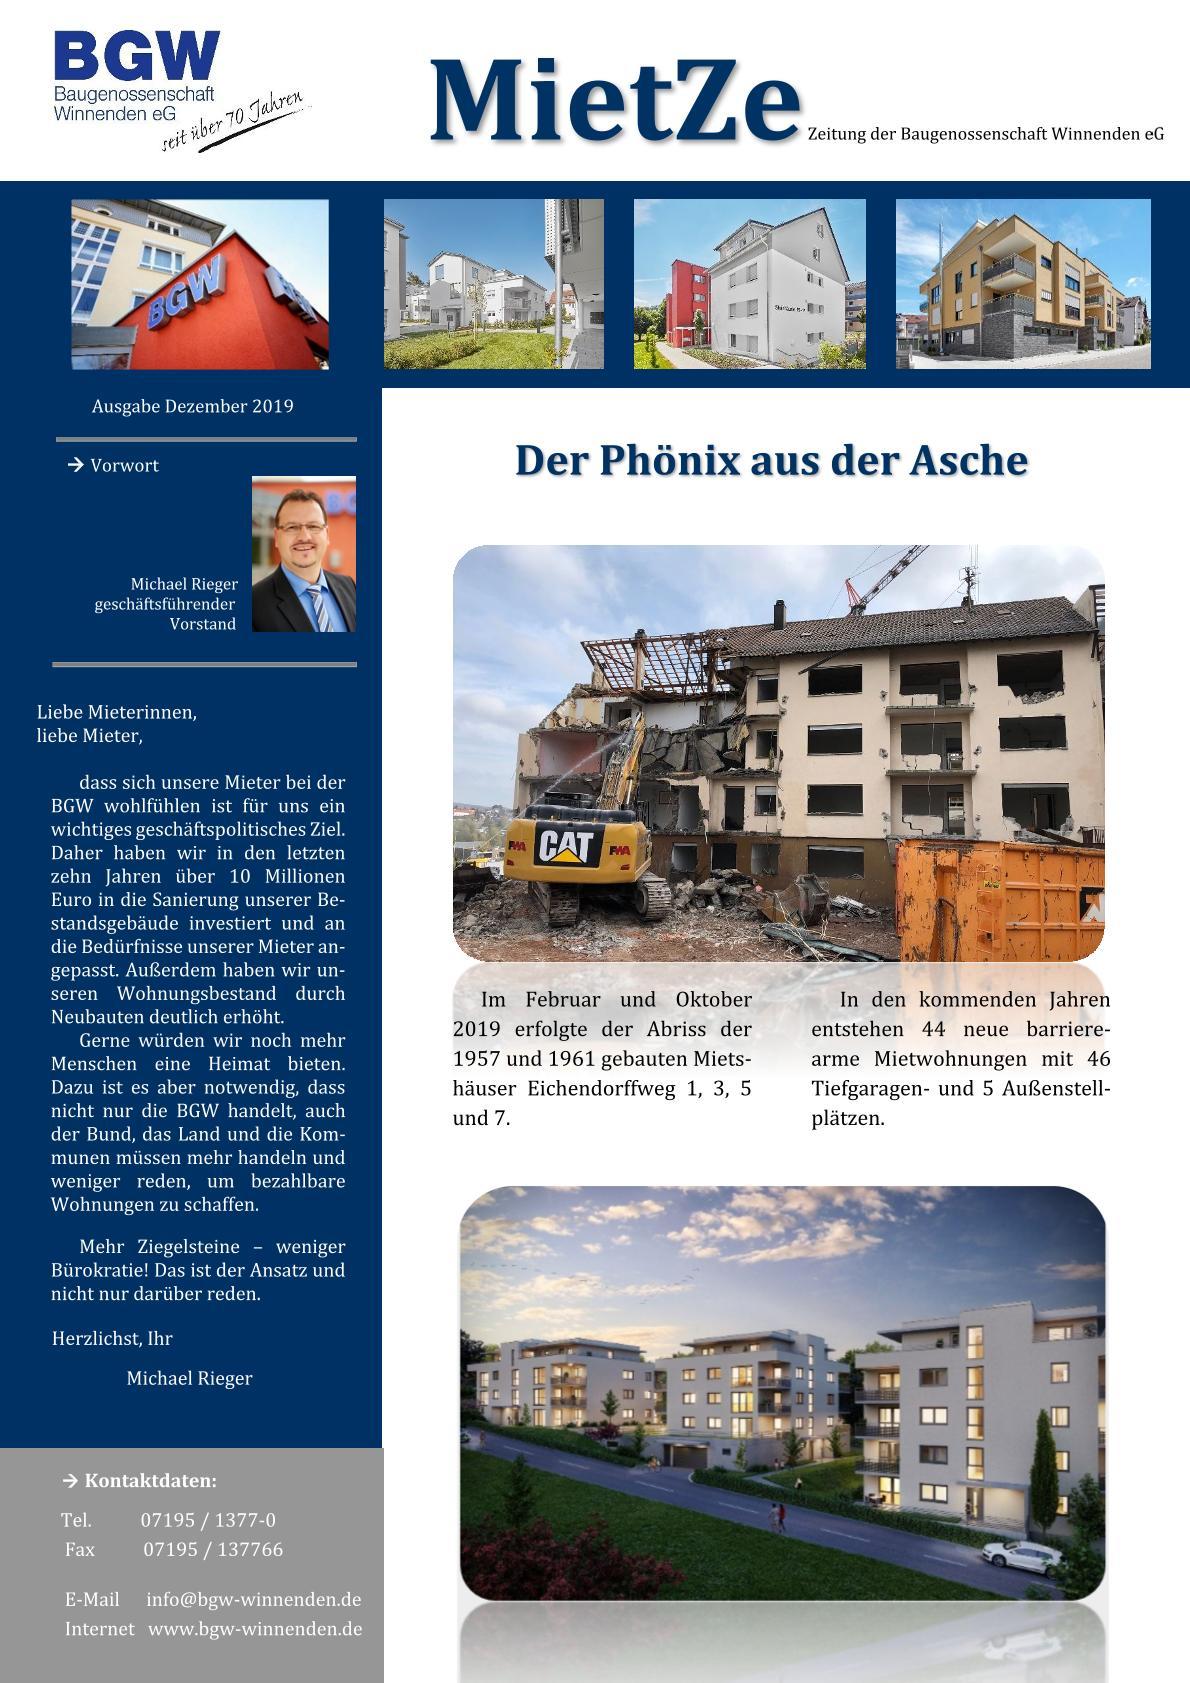 Deckblatt Mietze 2019 - Infos